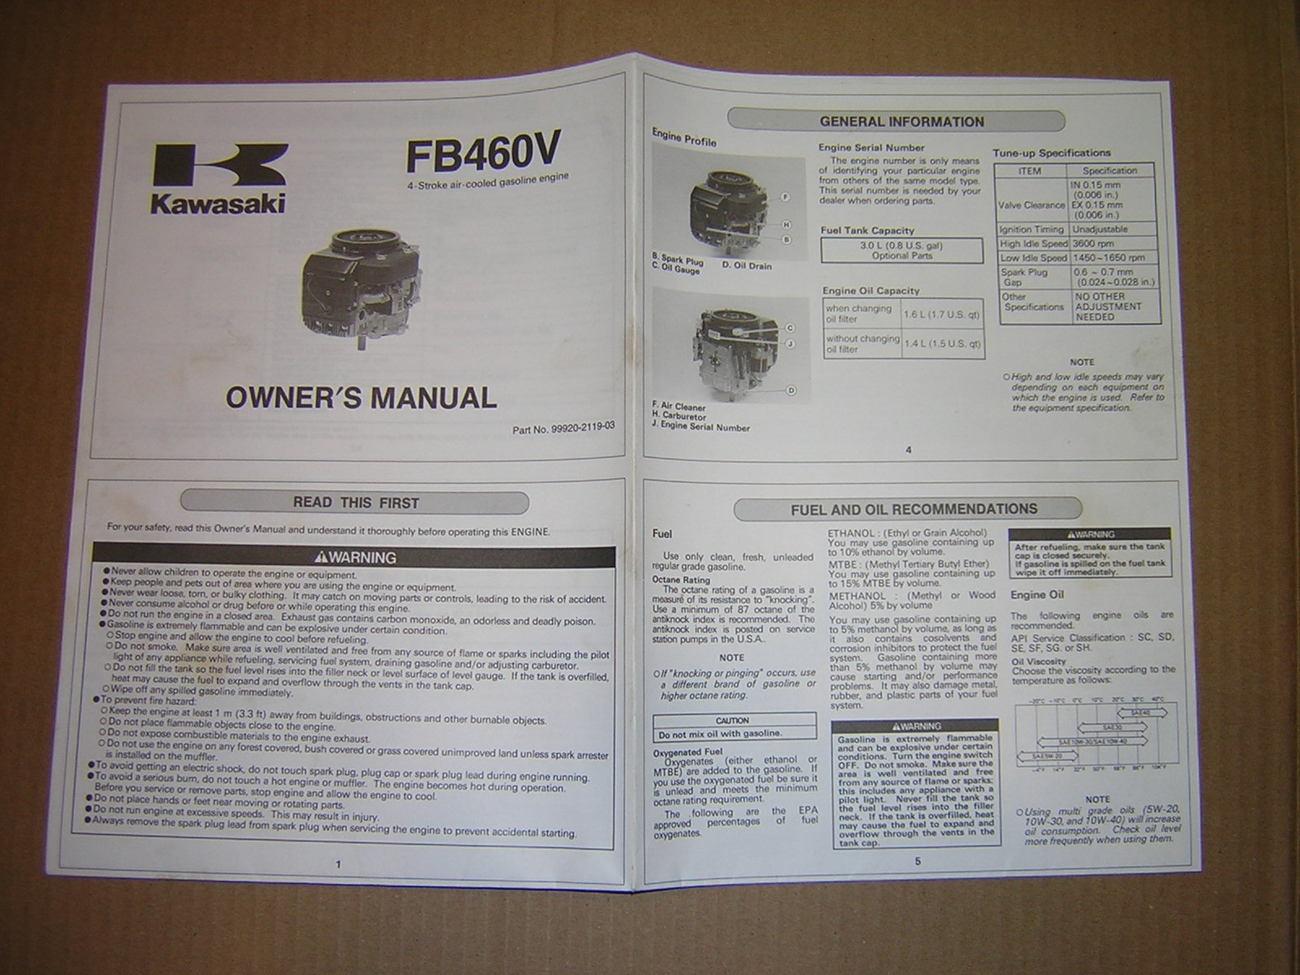 Kawasaki FB460V 4-Stroke Air-Cooled Motor Owner's Manual